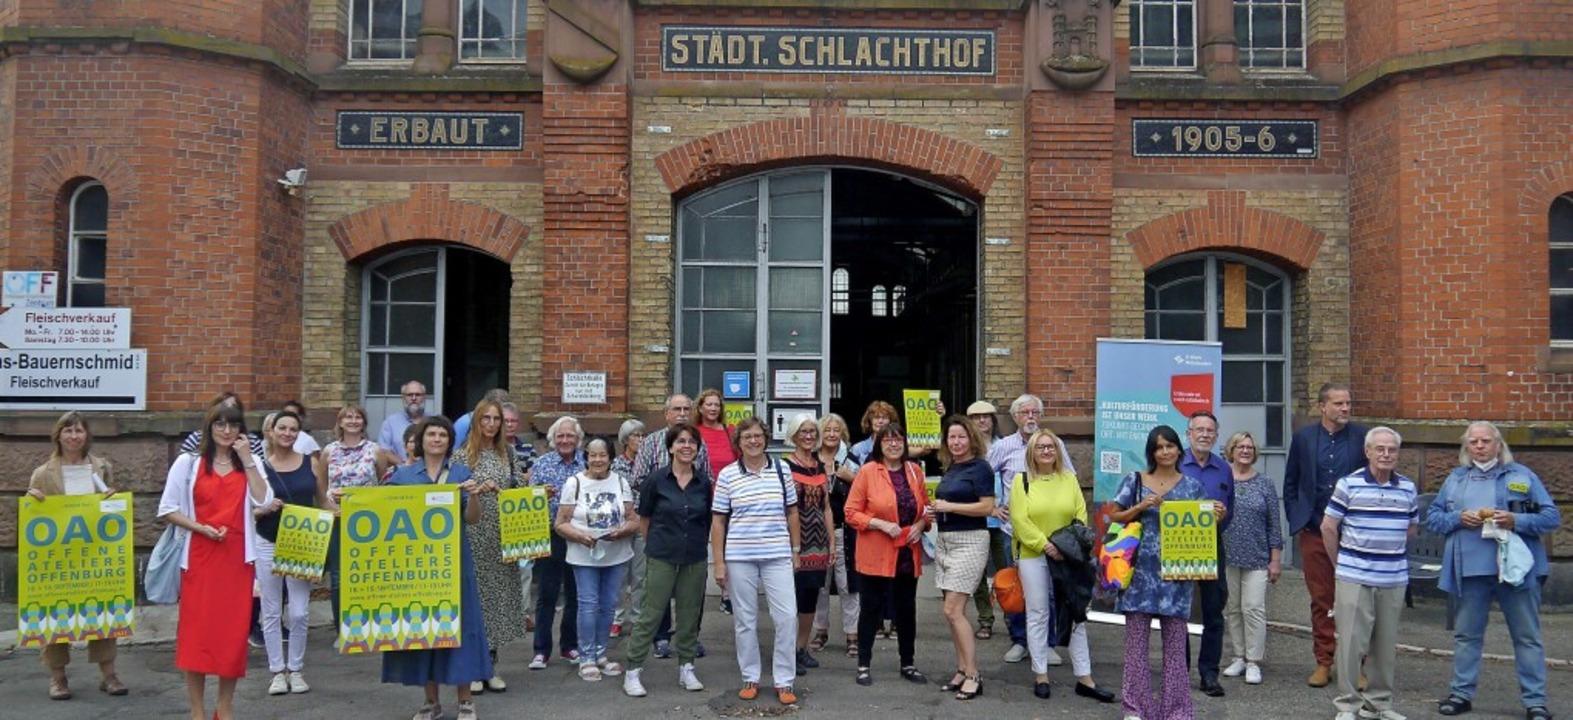 OAO steht für Offene Ateliers Offenbur...stlern am kommenden Wochenende statt.     Foto: Heidi Ast